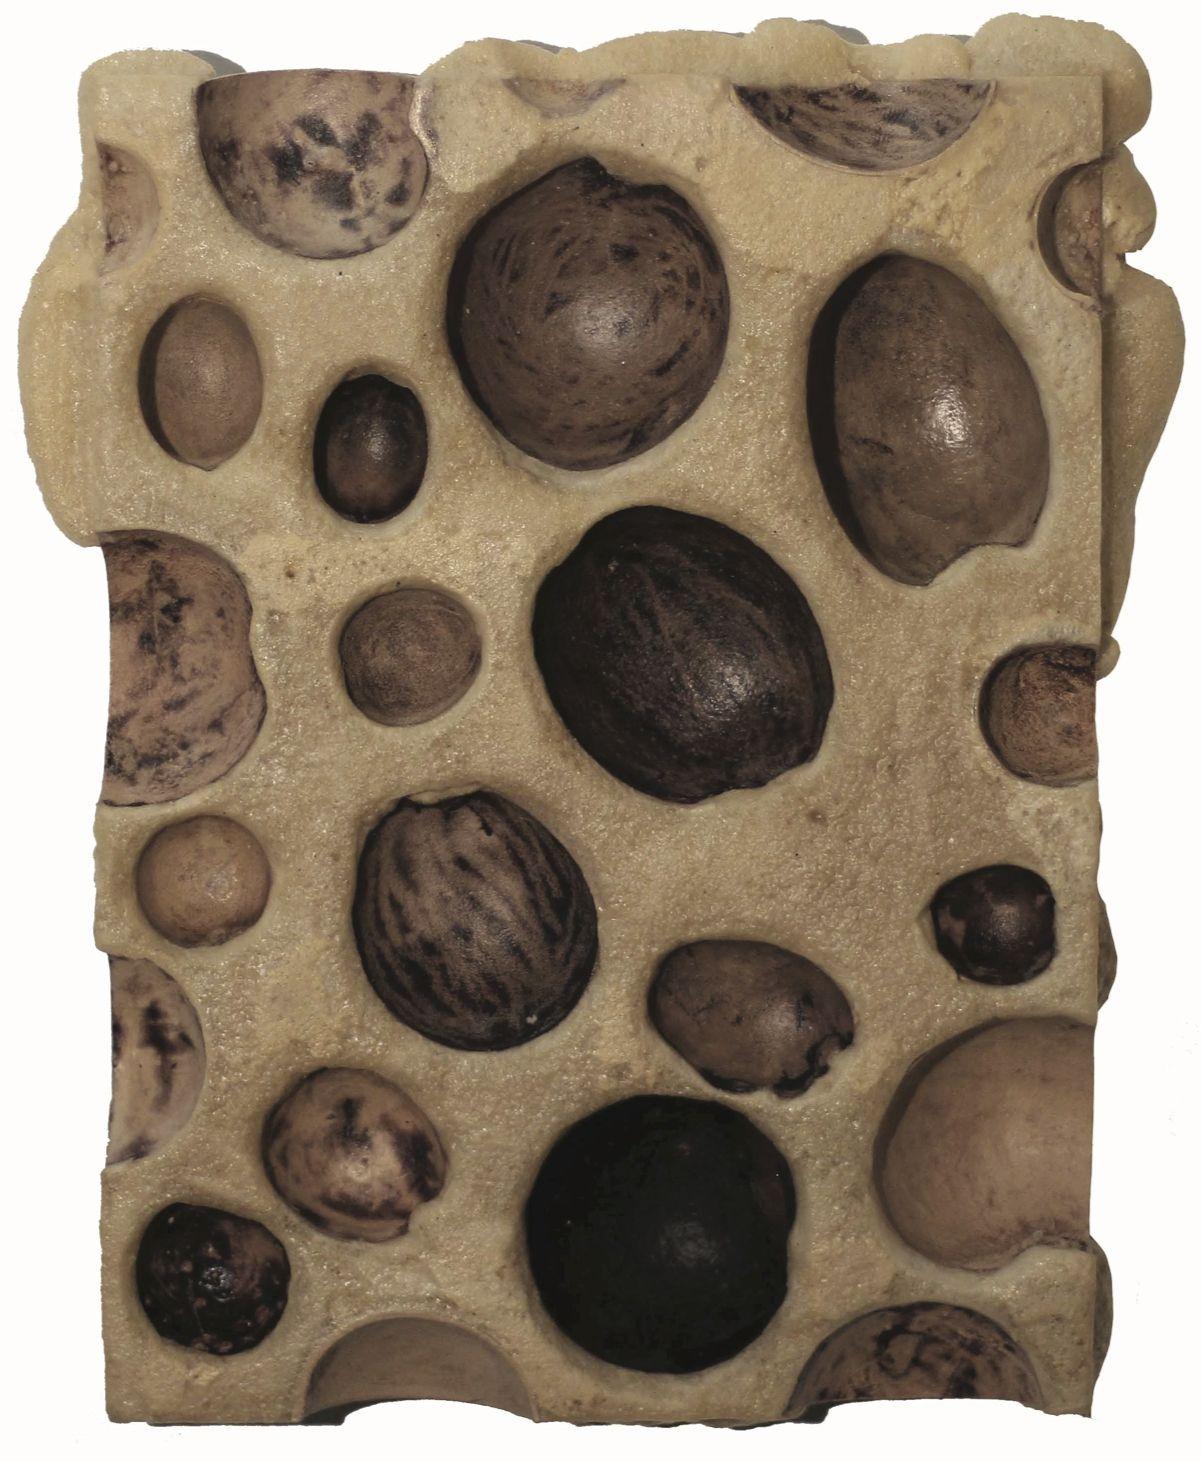 Muégano 24, 2018. Gourd cups, polyurethane foam, acrylic medium, bees wax, 19 11/16 x 16 17/32 x 2 3/4 in. (50 x 42 x 7 cm.)